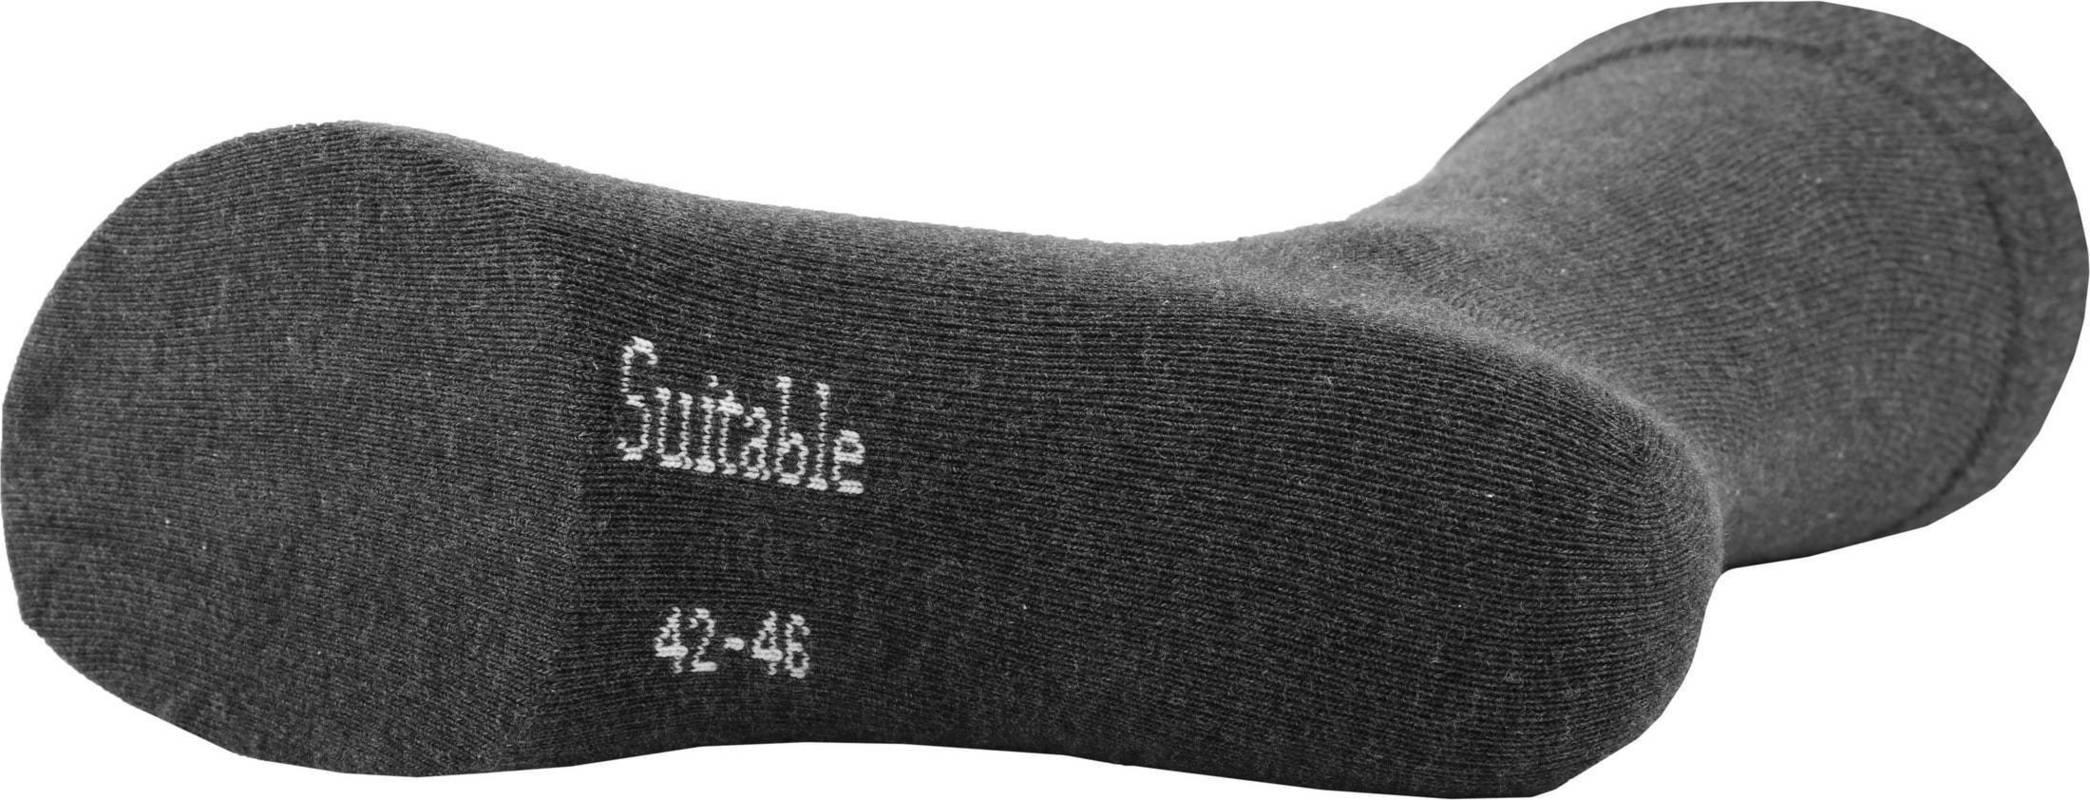 Suitable Bio Katoen Sokken Donkergrijs 3-Pack